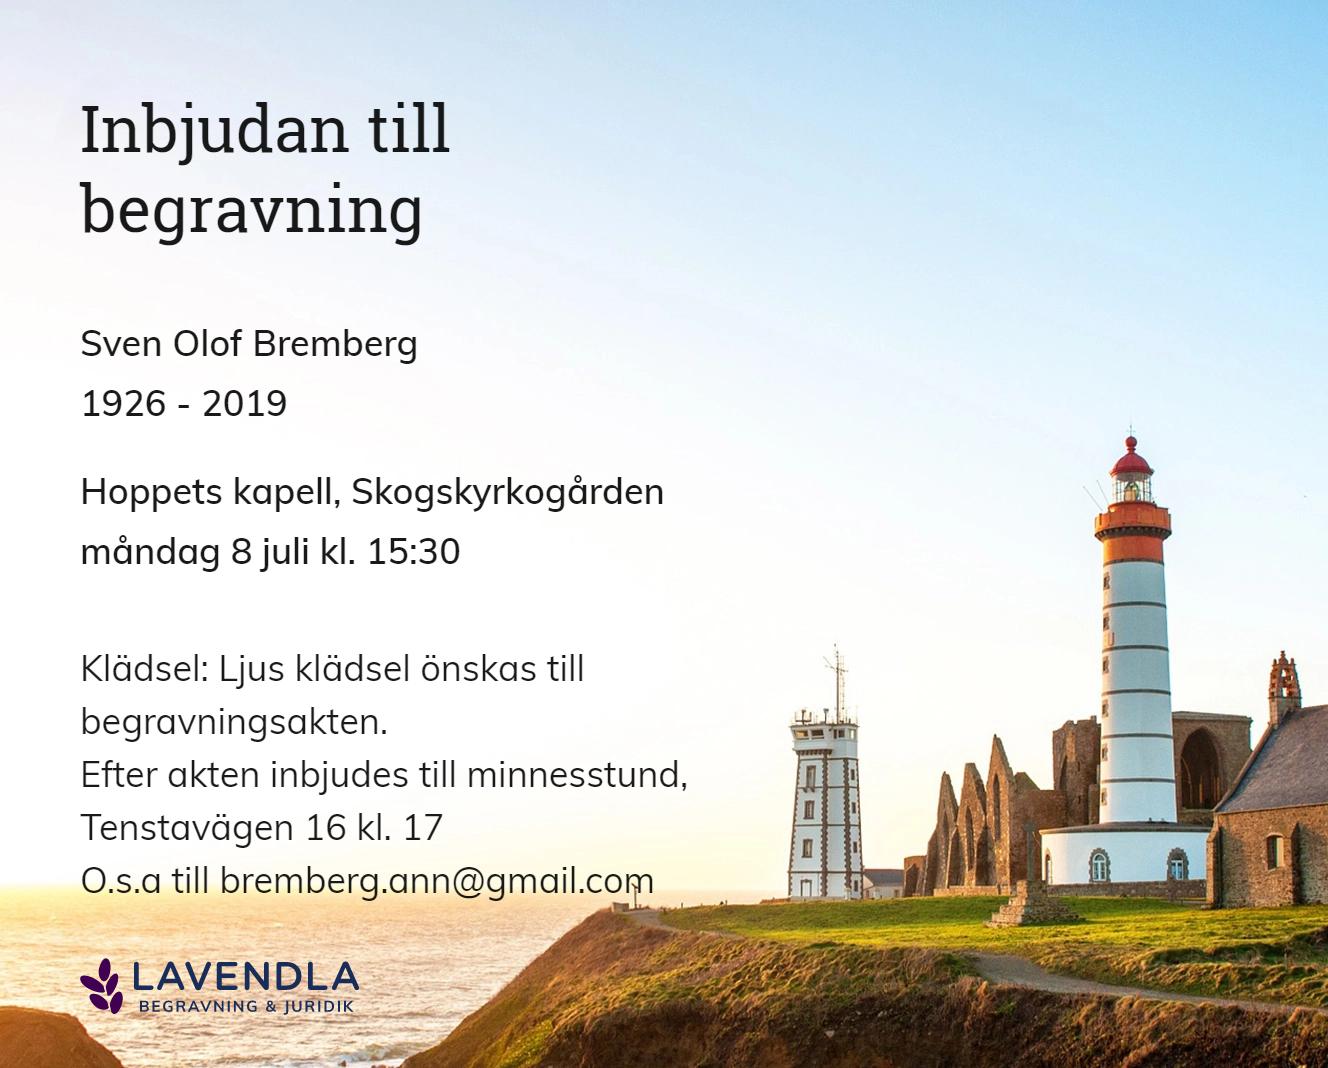 Inbjudningskort till ceremonin för Sven Olof Bremberg